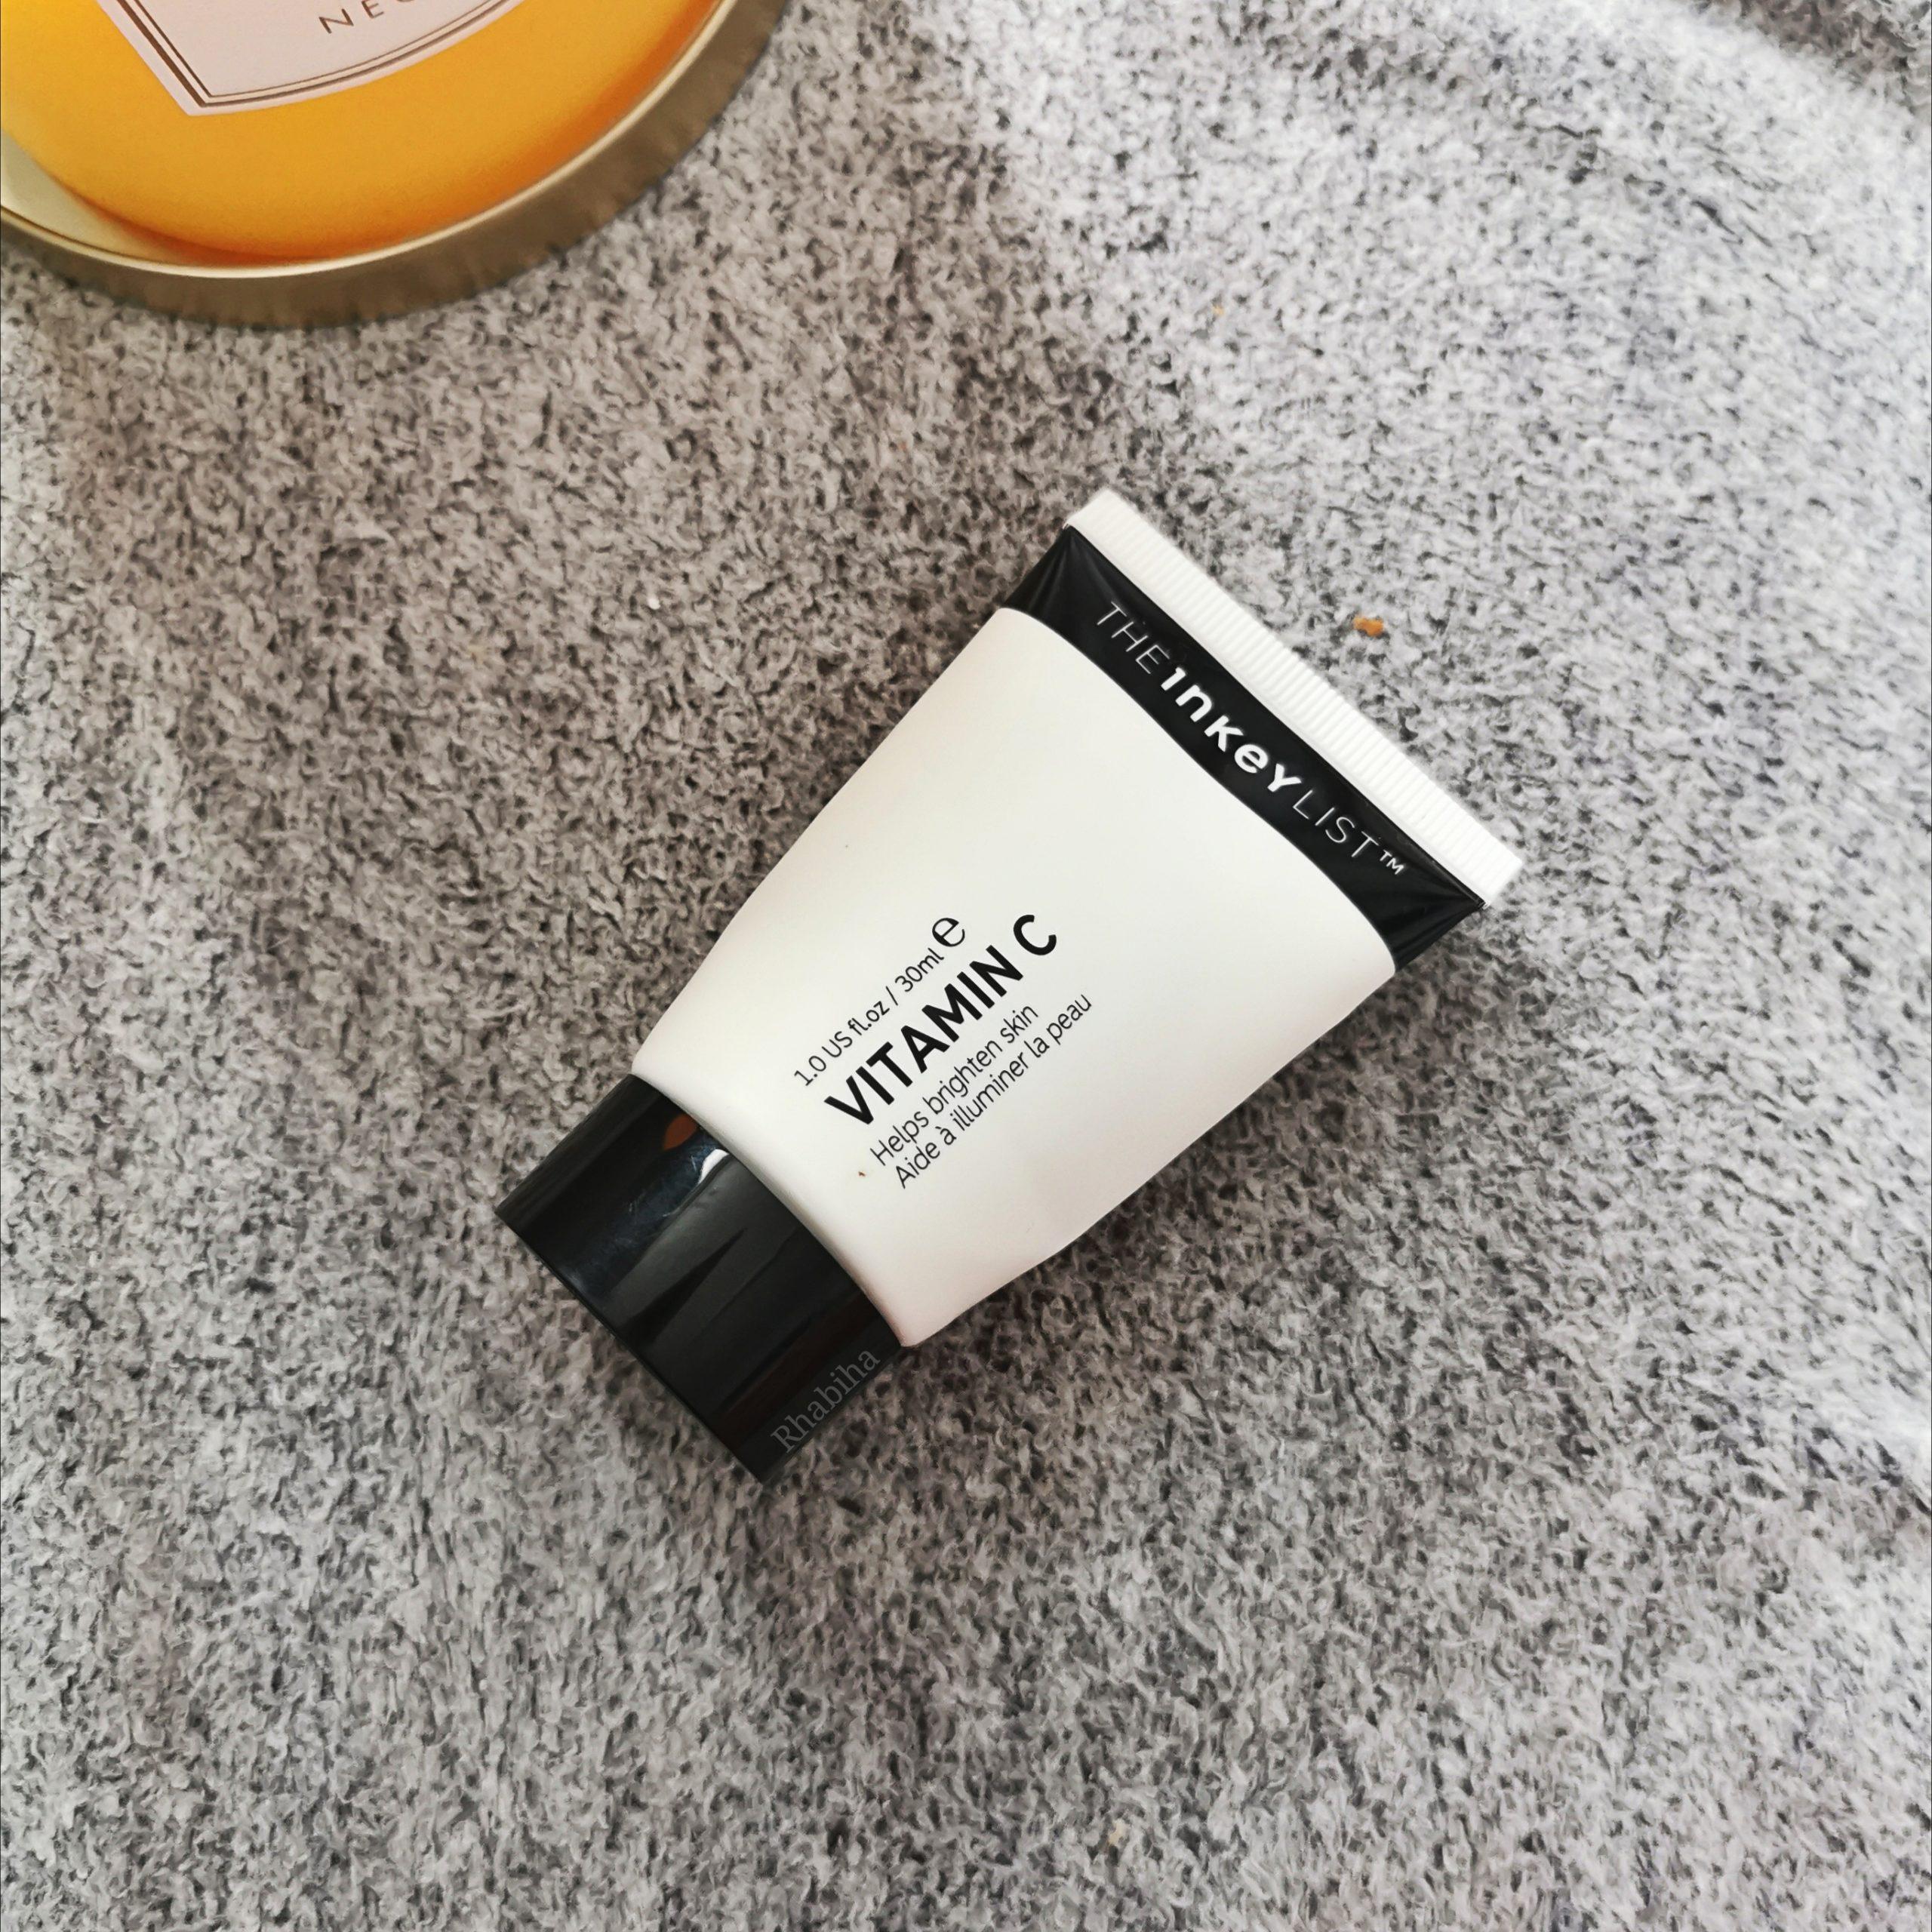 Tube blanc de sérum de vitamine C de la marque The Inkey List près d'une bougie jaune